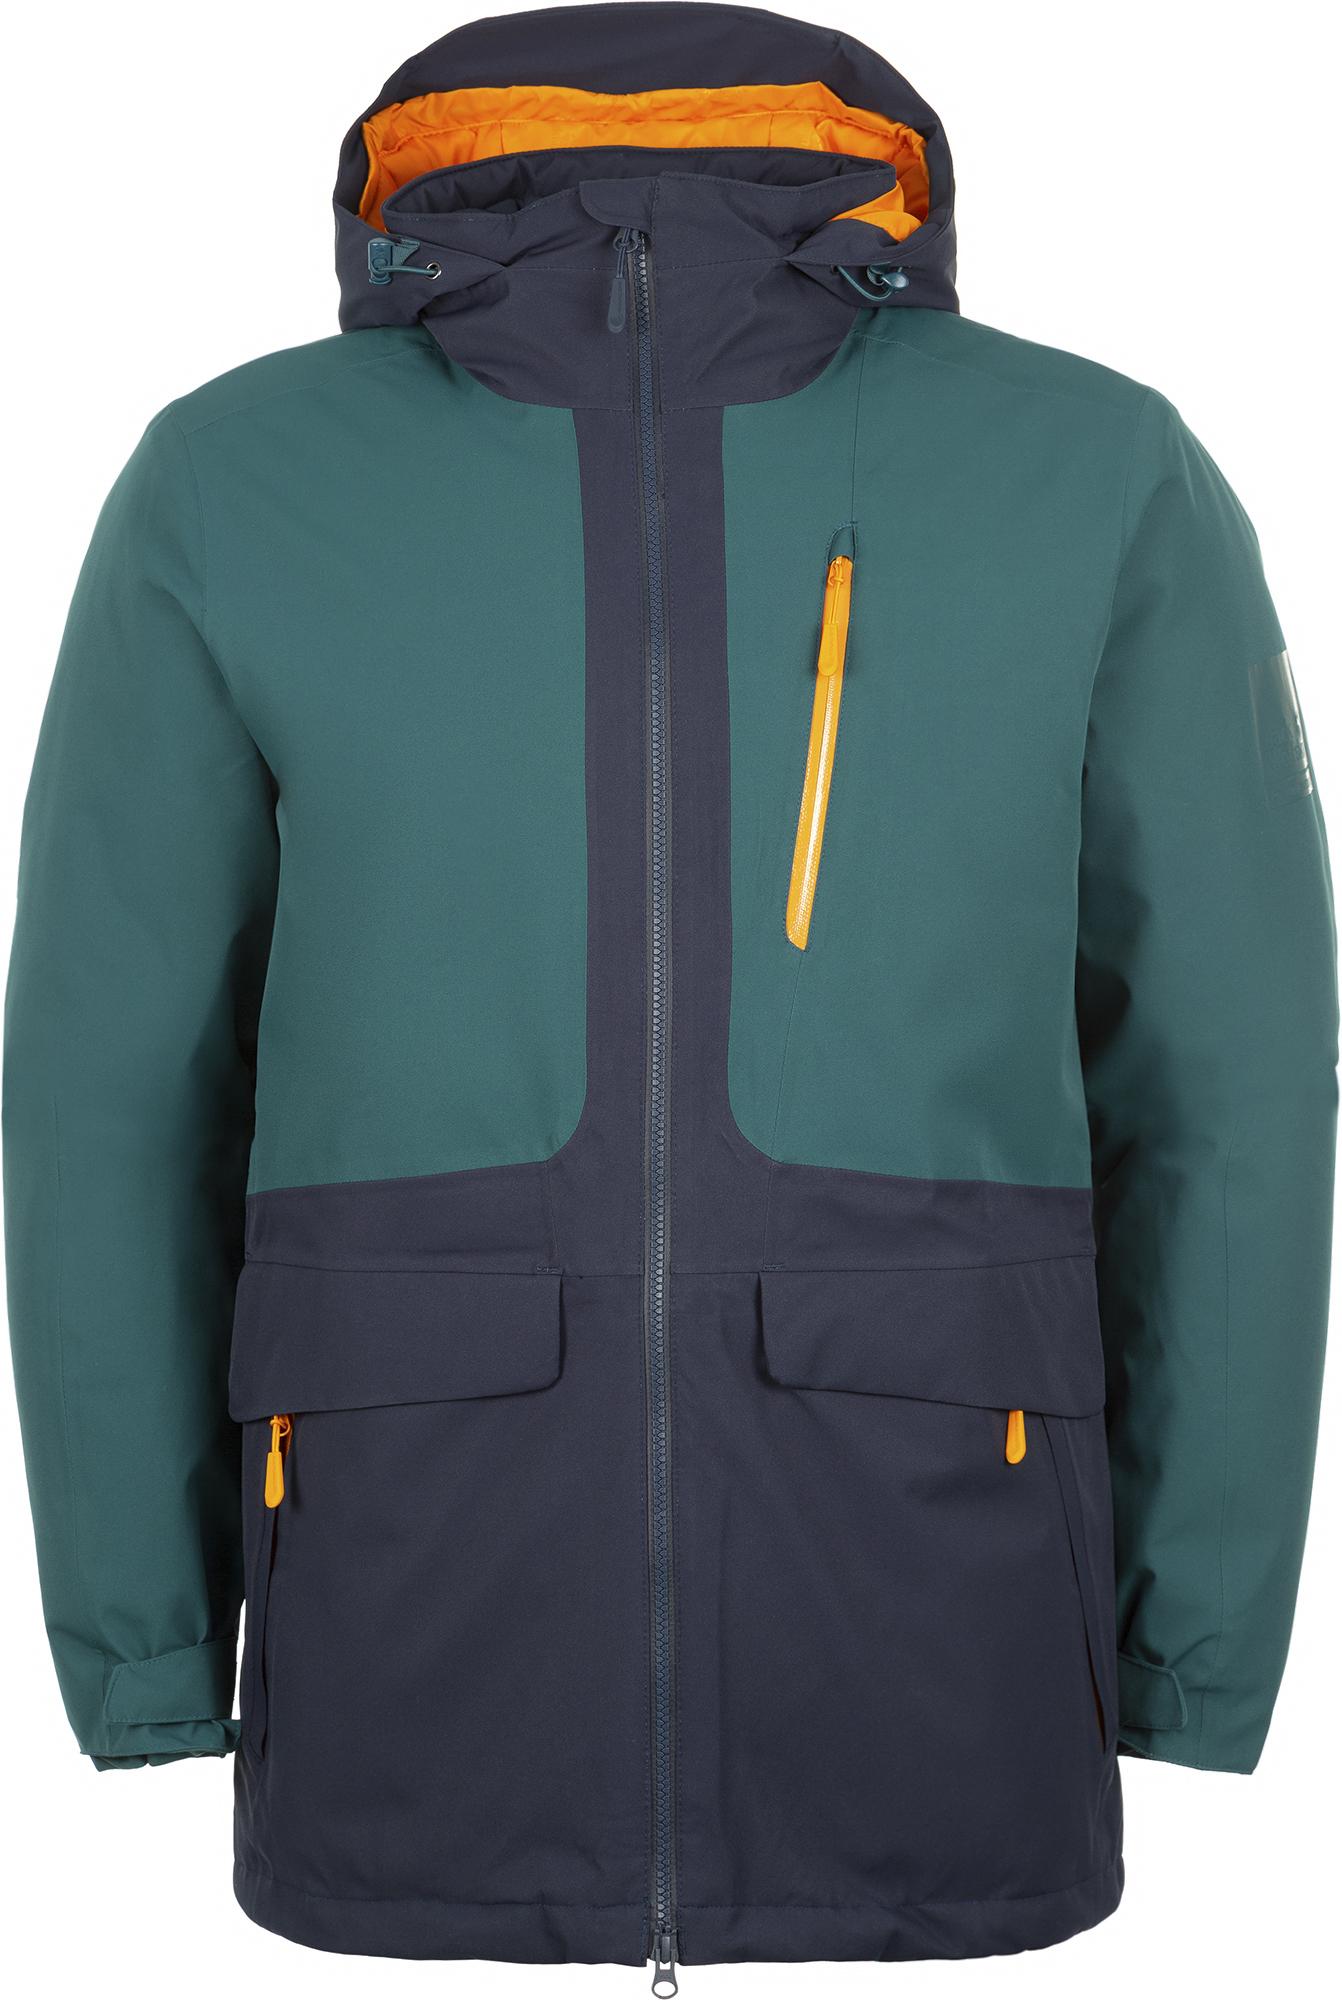 Jack Wolfskin Куртка утепленная мужская JACK WOLFSKIN 365 Millenial, размер 54-56